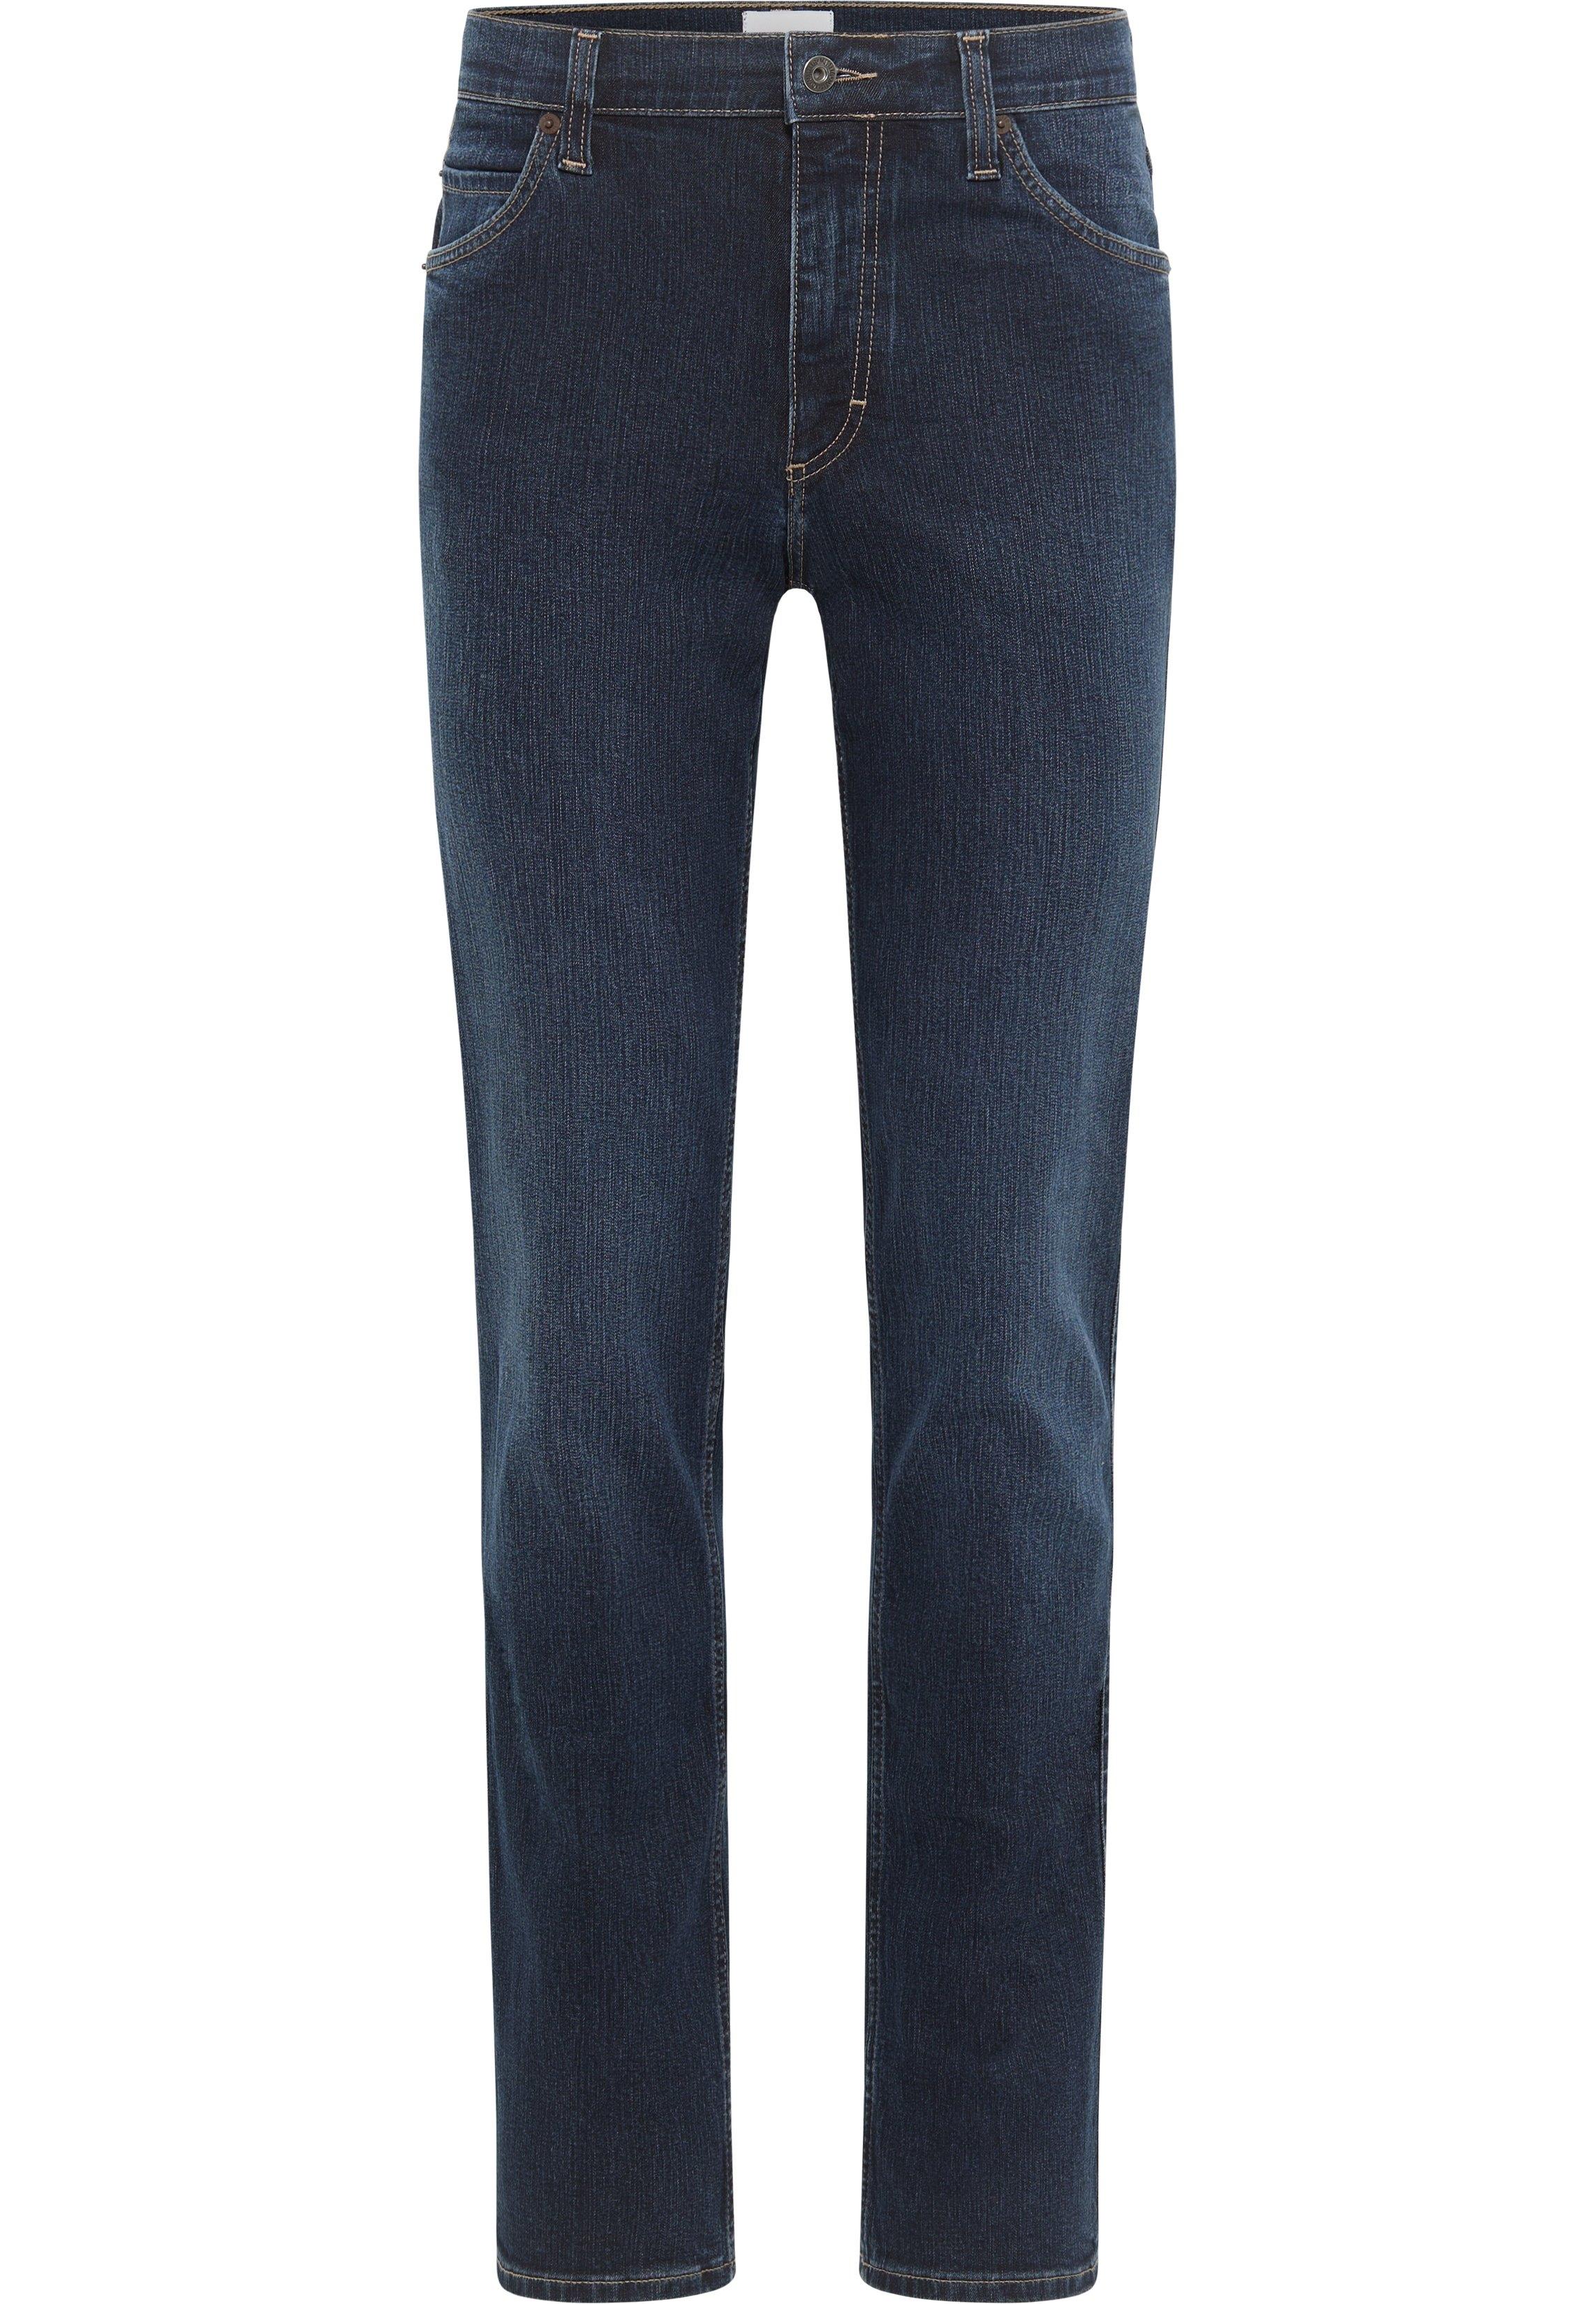 MUSTANG jeans »Tramper« bestellen: 30 dagen bedenktijd